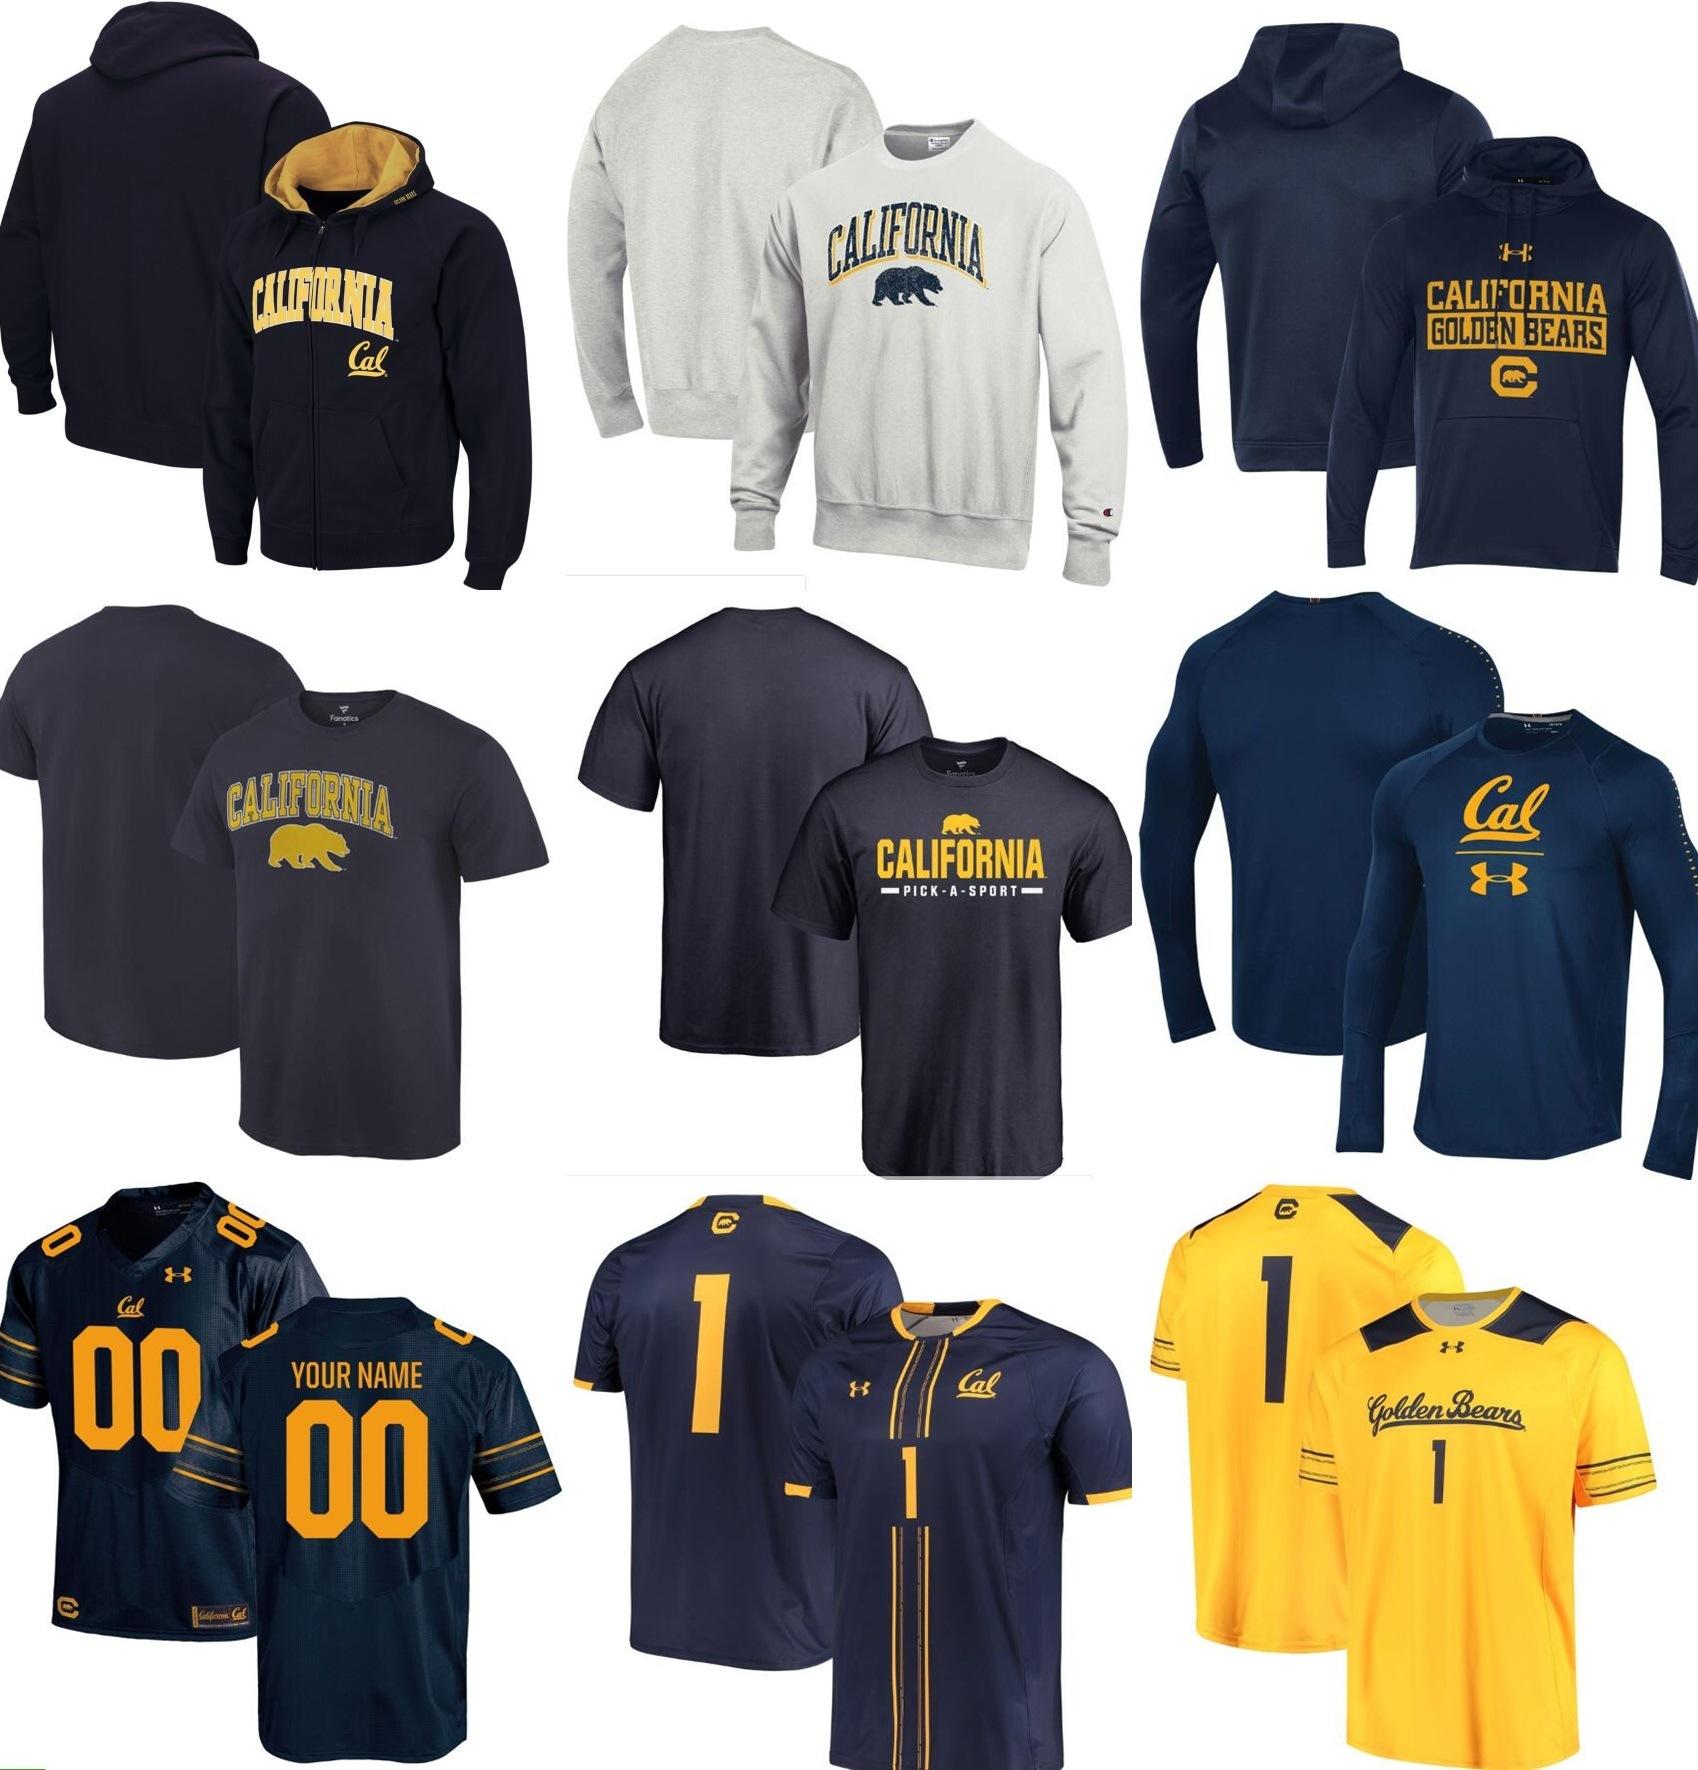 best website d28f4 1bec9 [Hot Item] Customize Cal Bears Ncaa Jersey &Pullover Hoodie & T-Shirt